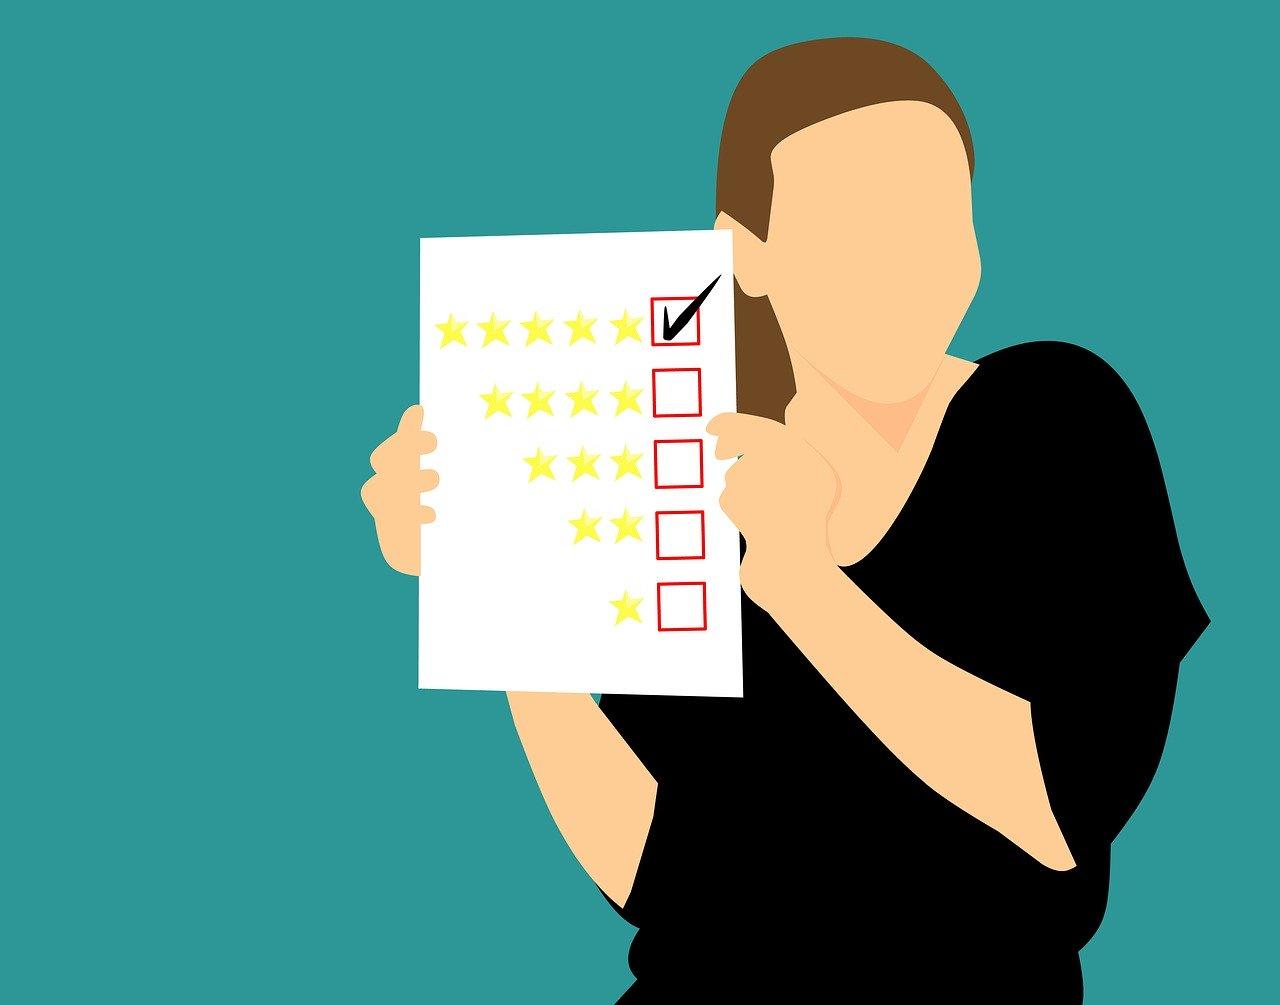 Der richtige Umgang mit negativen Kundenbewertungen - 5 Tipps